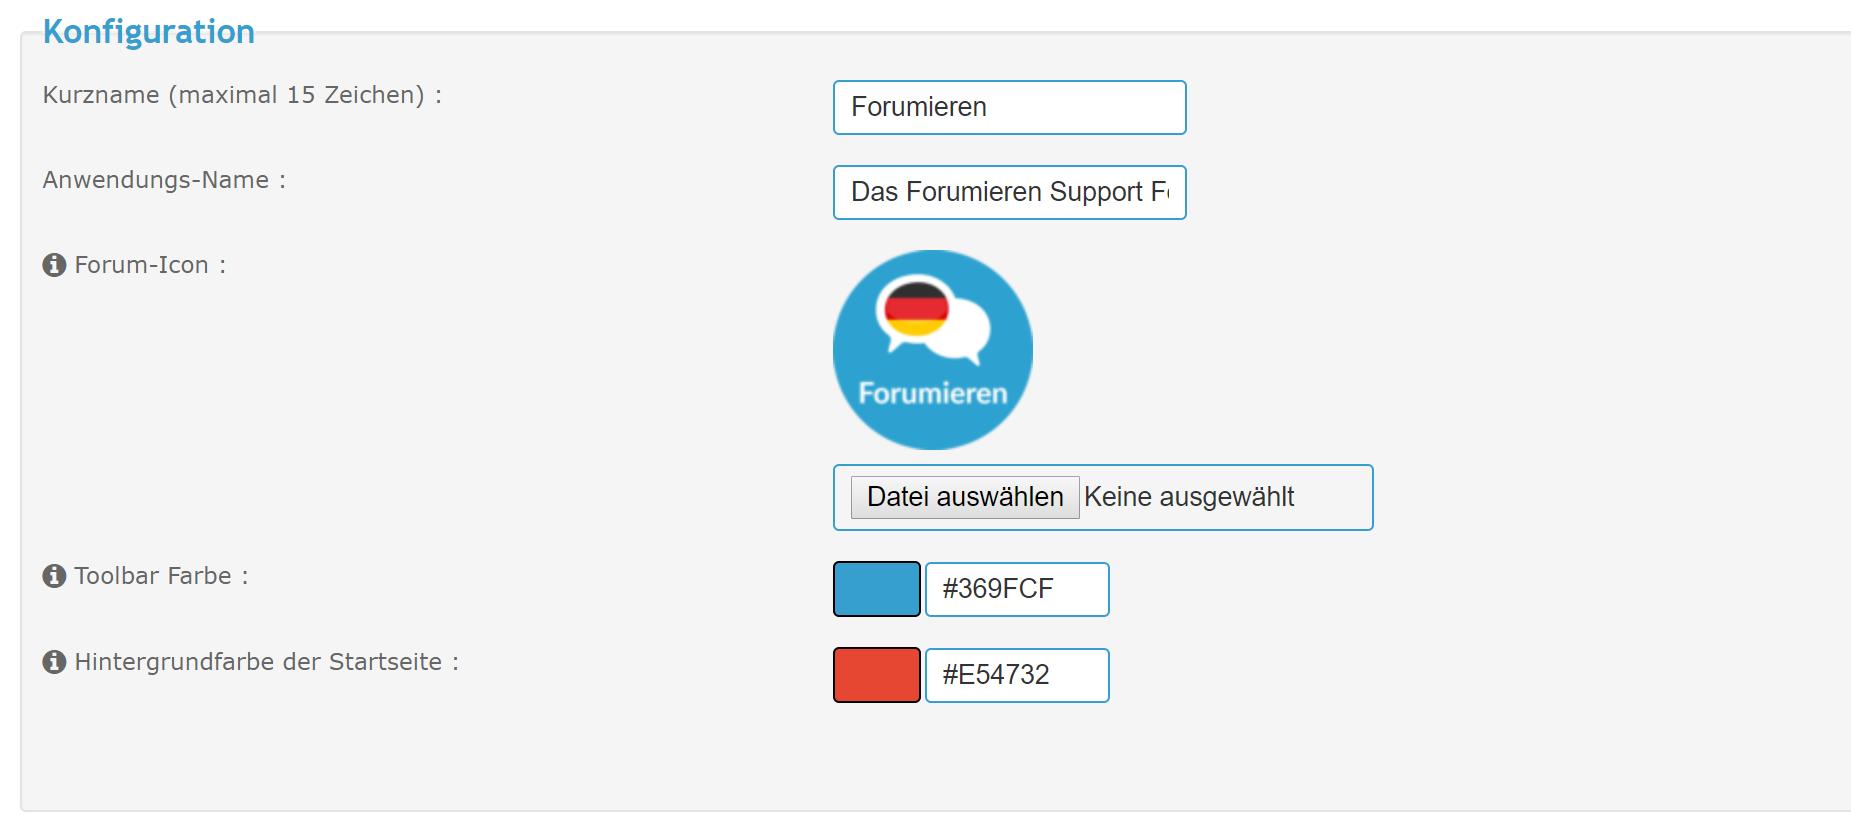 [Neue Funktion] Progressive Web App (PWA) in Forumieren-Foren verfügbar Unbena12